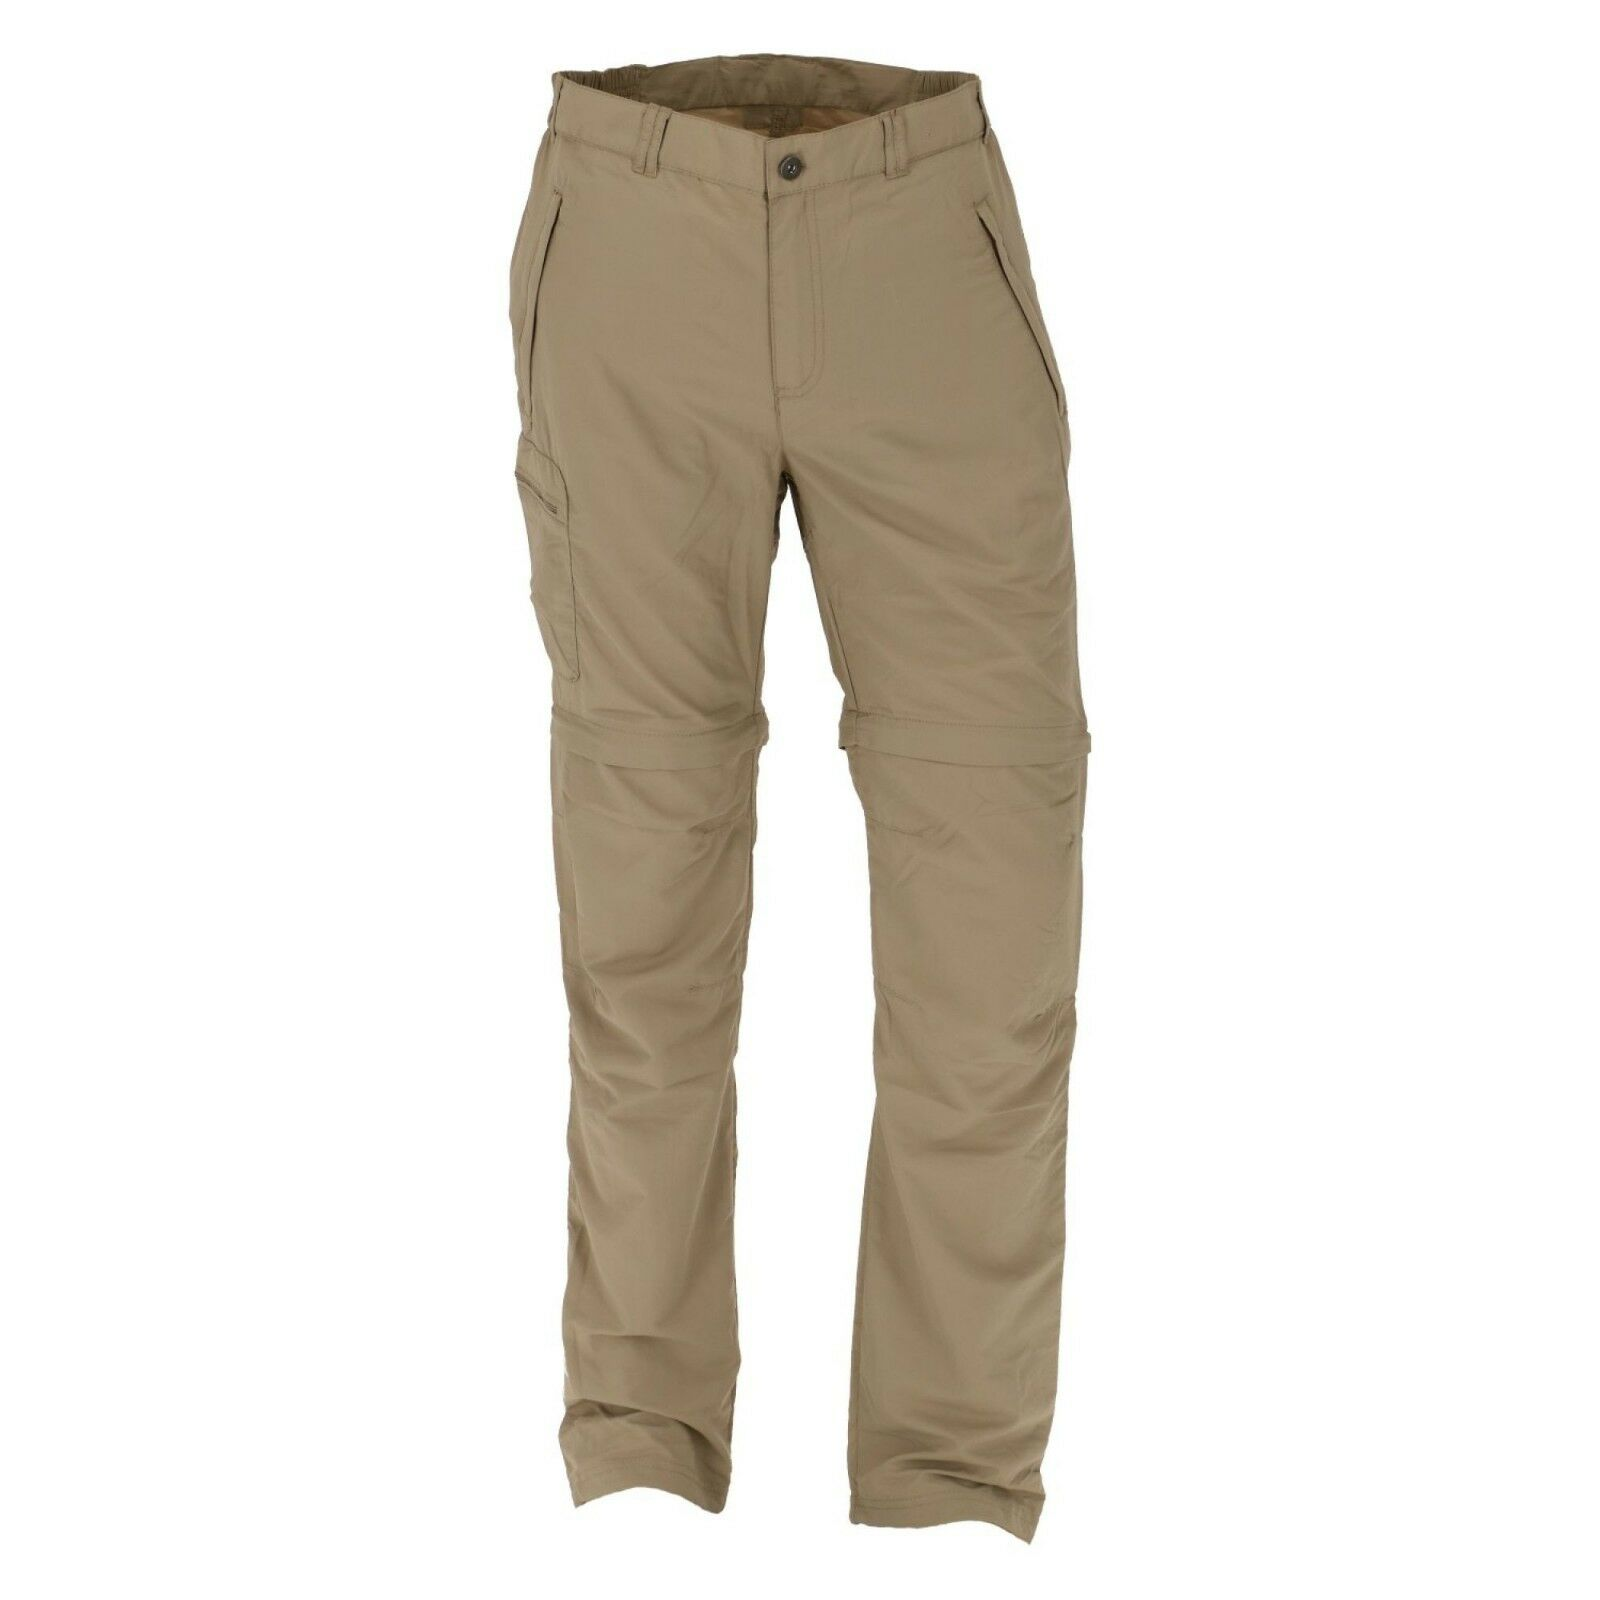 Regatta Men`s Leesvielle Zip-Off Trousers Parchment - Size 30  , BNWT